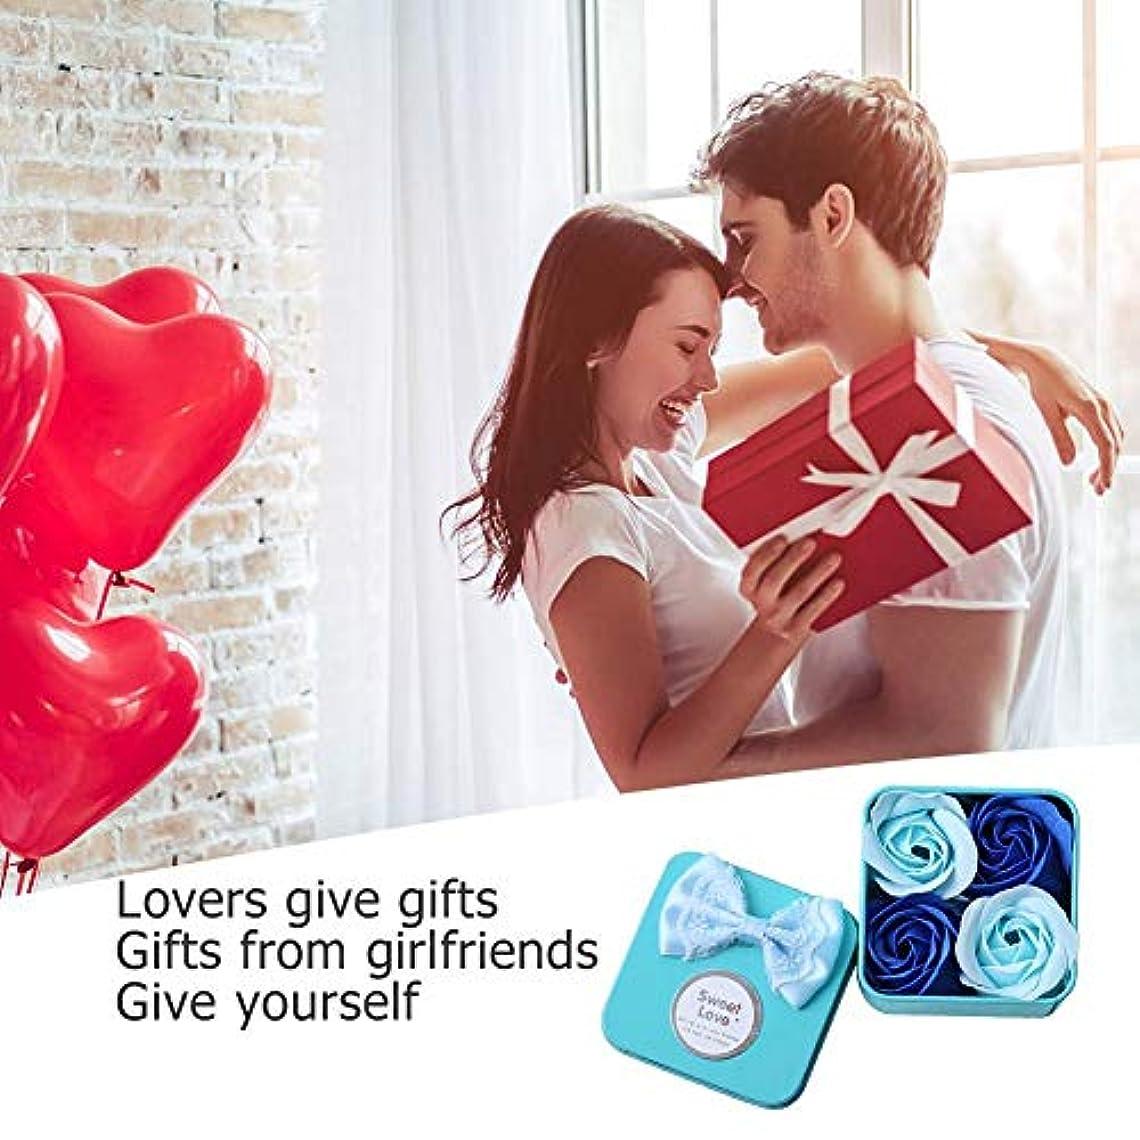 符号おもしろい嫌いローズフラワー石鹸 香料入り 風呂 花びら石鹸 香り石鹸 バレンタインデーギフト 4個/ボックス 手作り 母の日 誕生日プレゼント 贈り物 お祝い Amiu